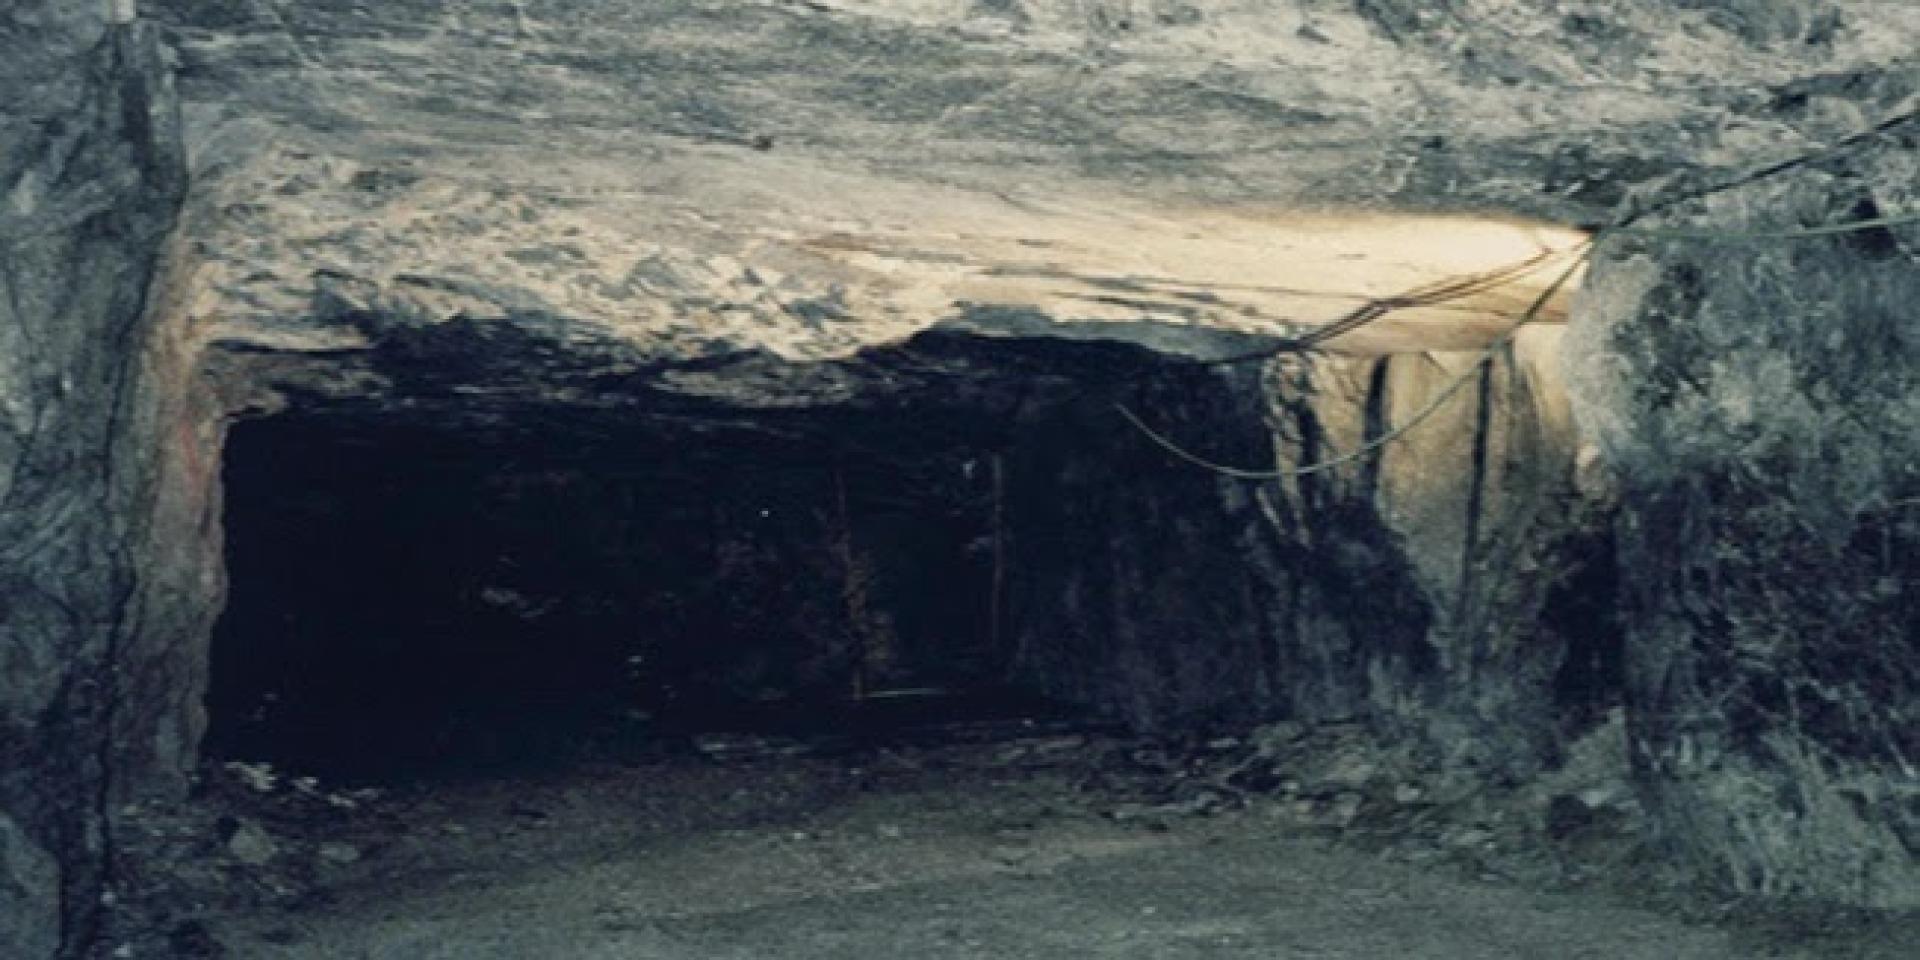 Lambi Dehar bányák, 3. kép